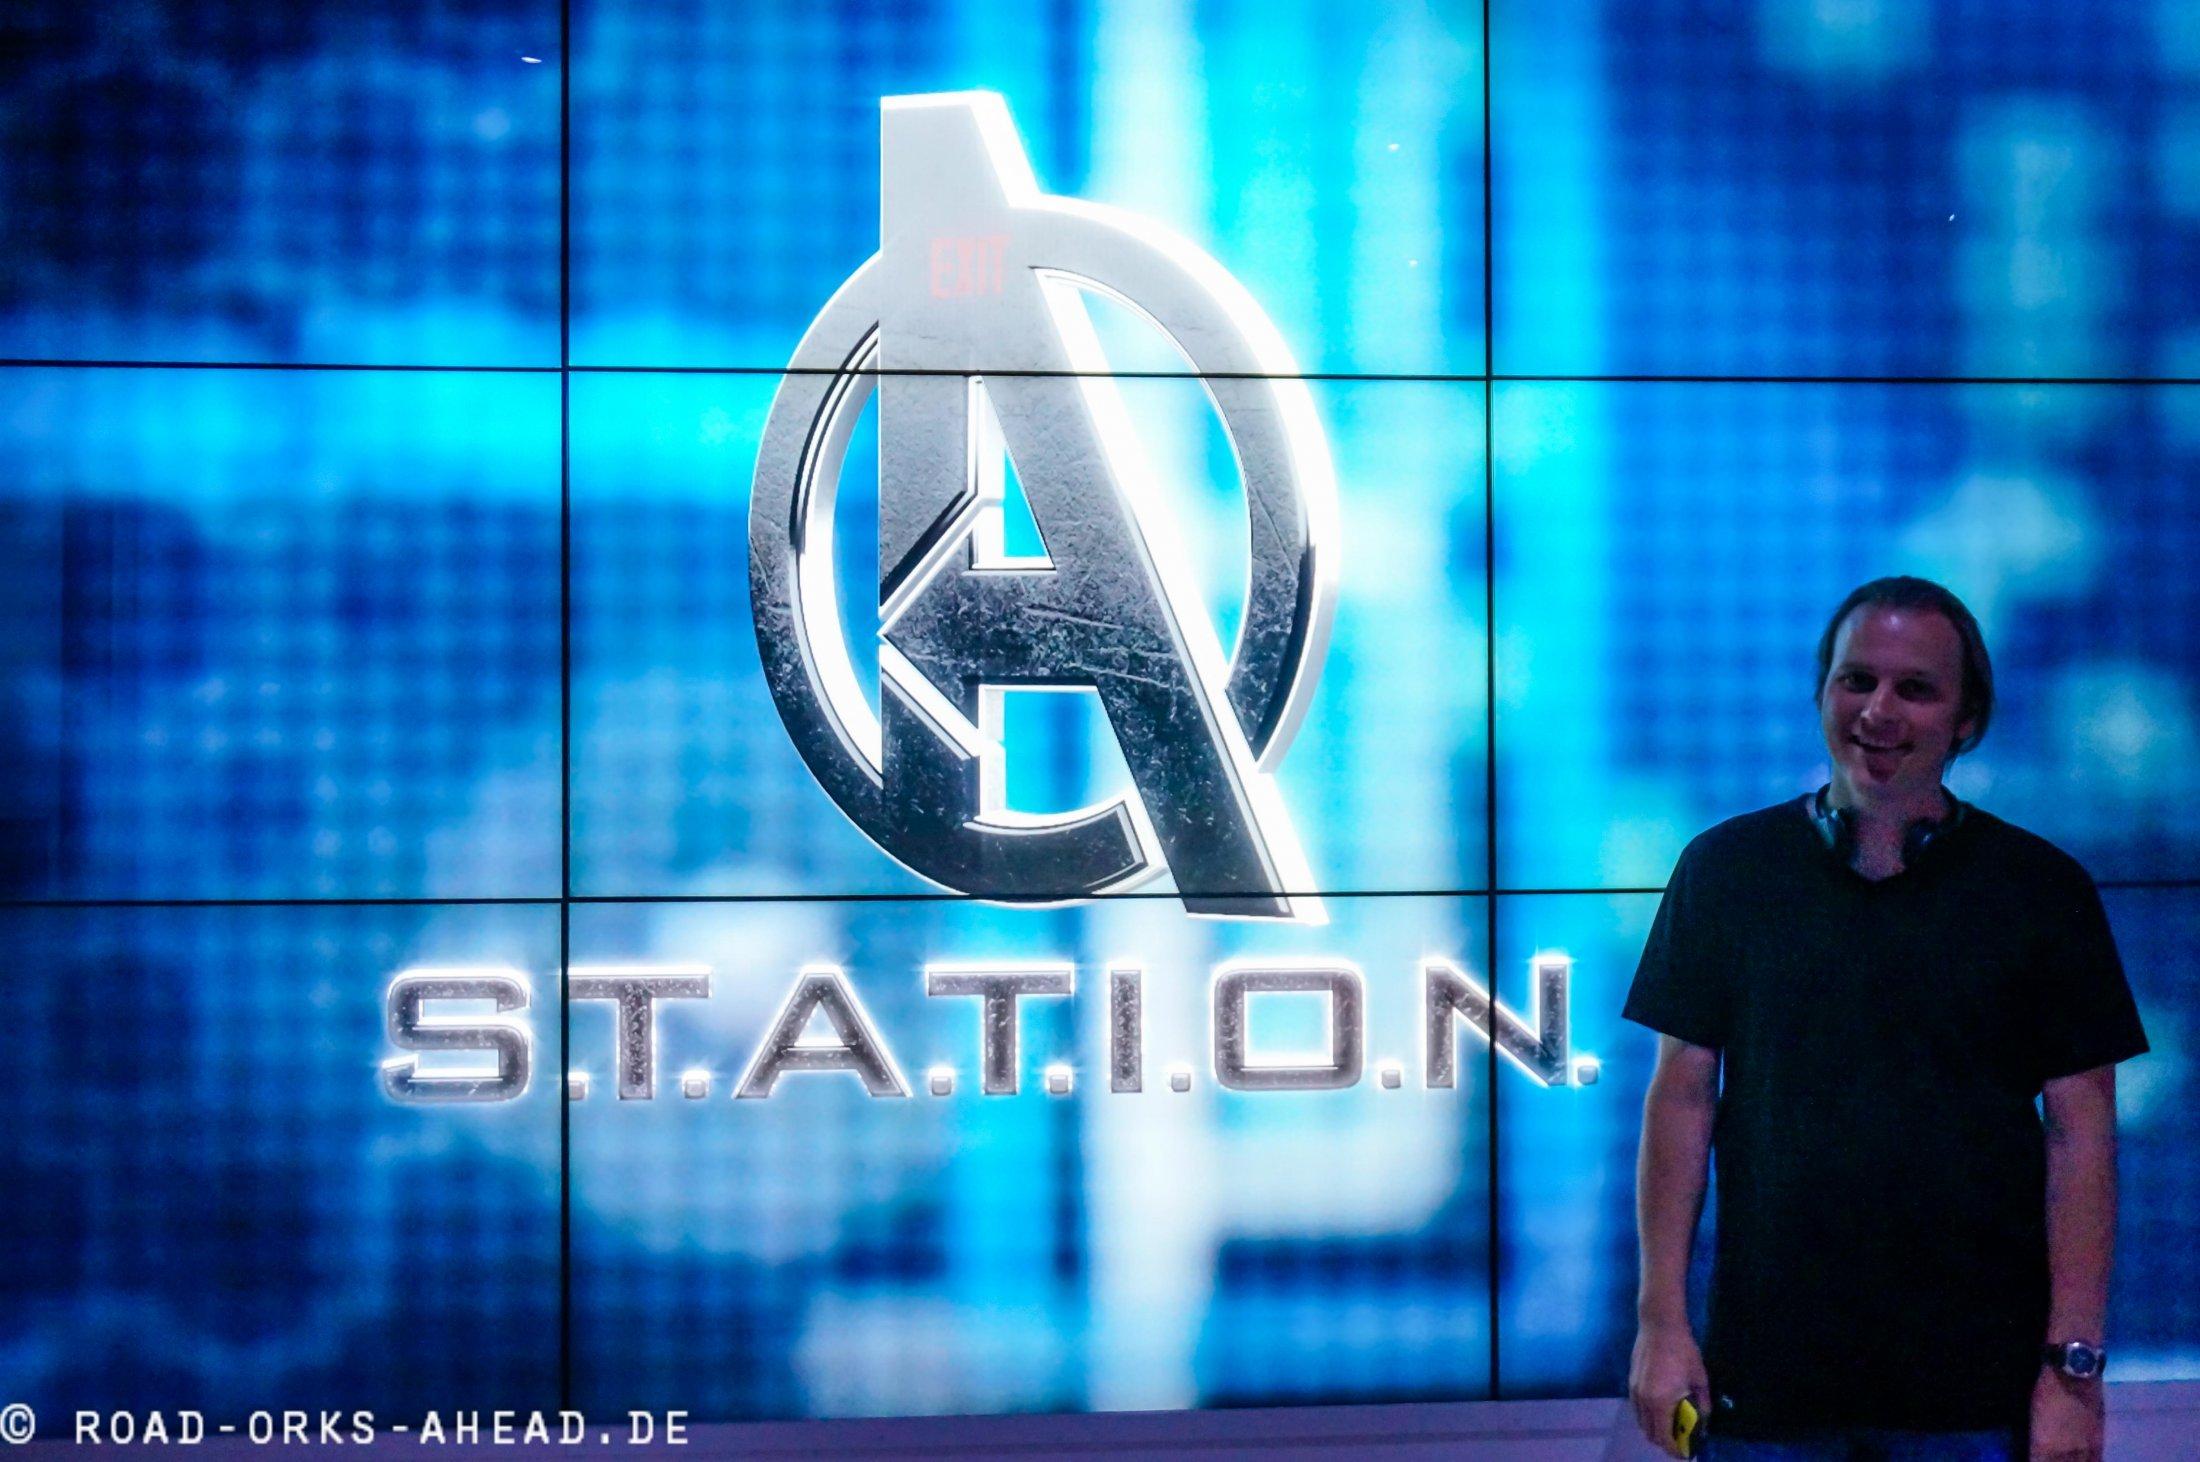 Avenger Station